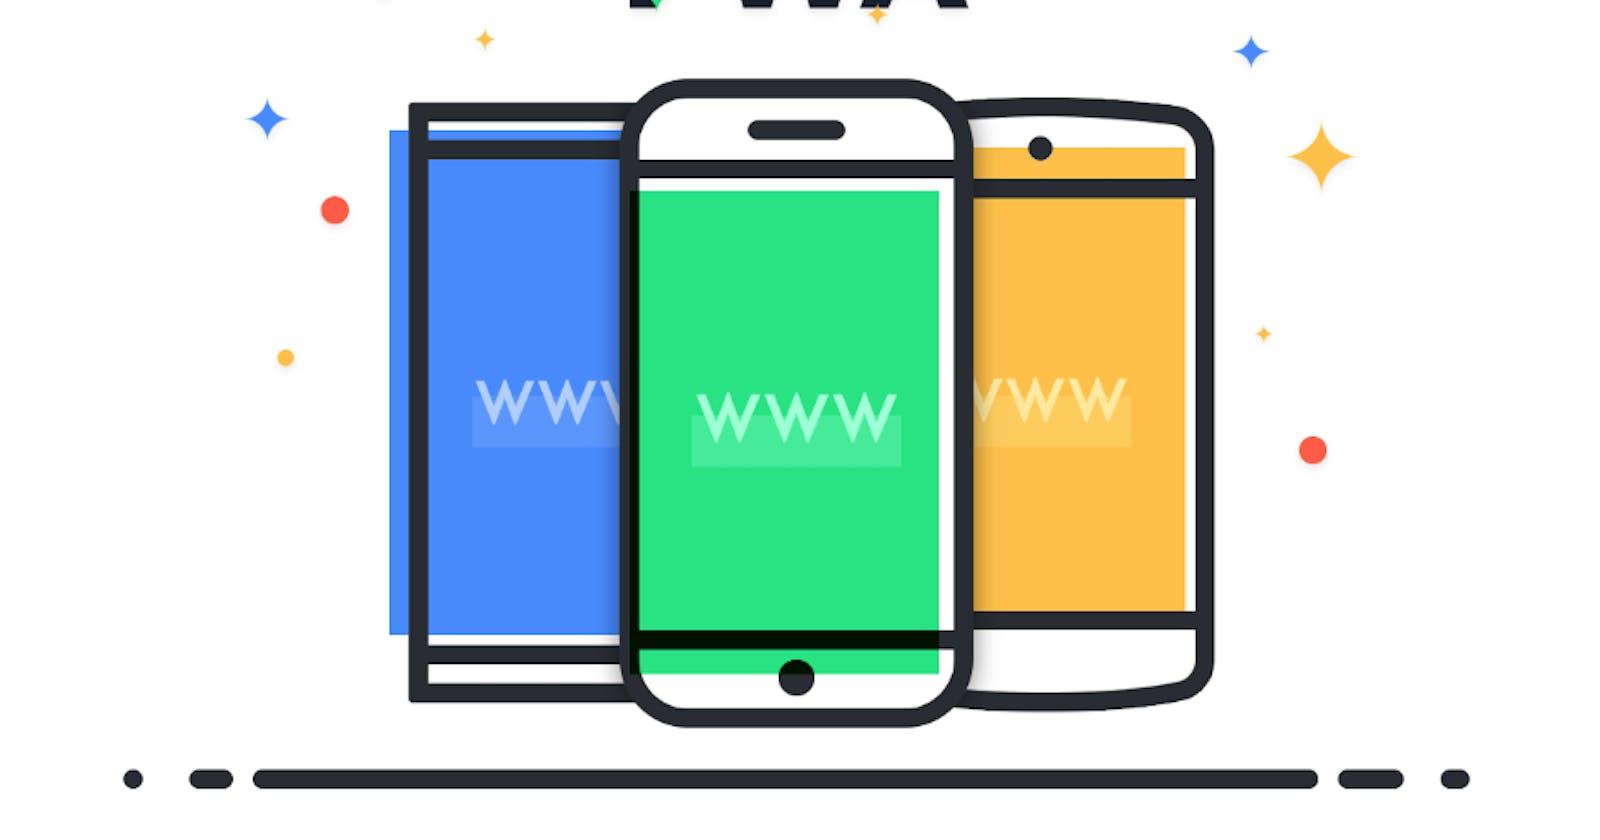 PWA: The Future of Mobile and Web Development